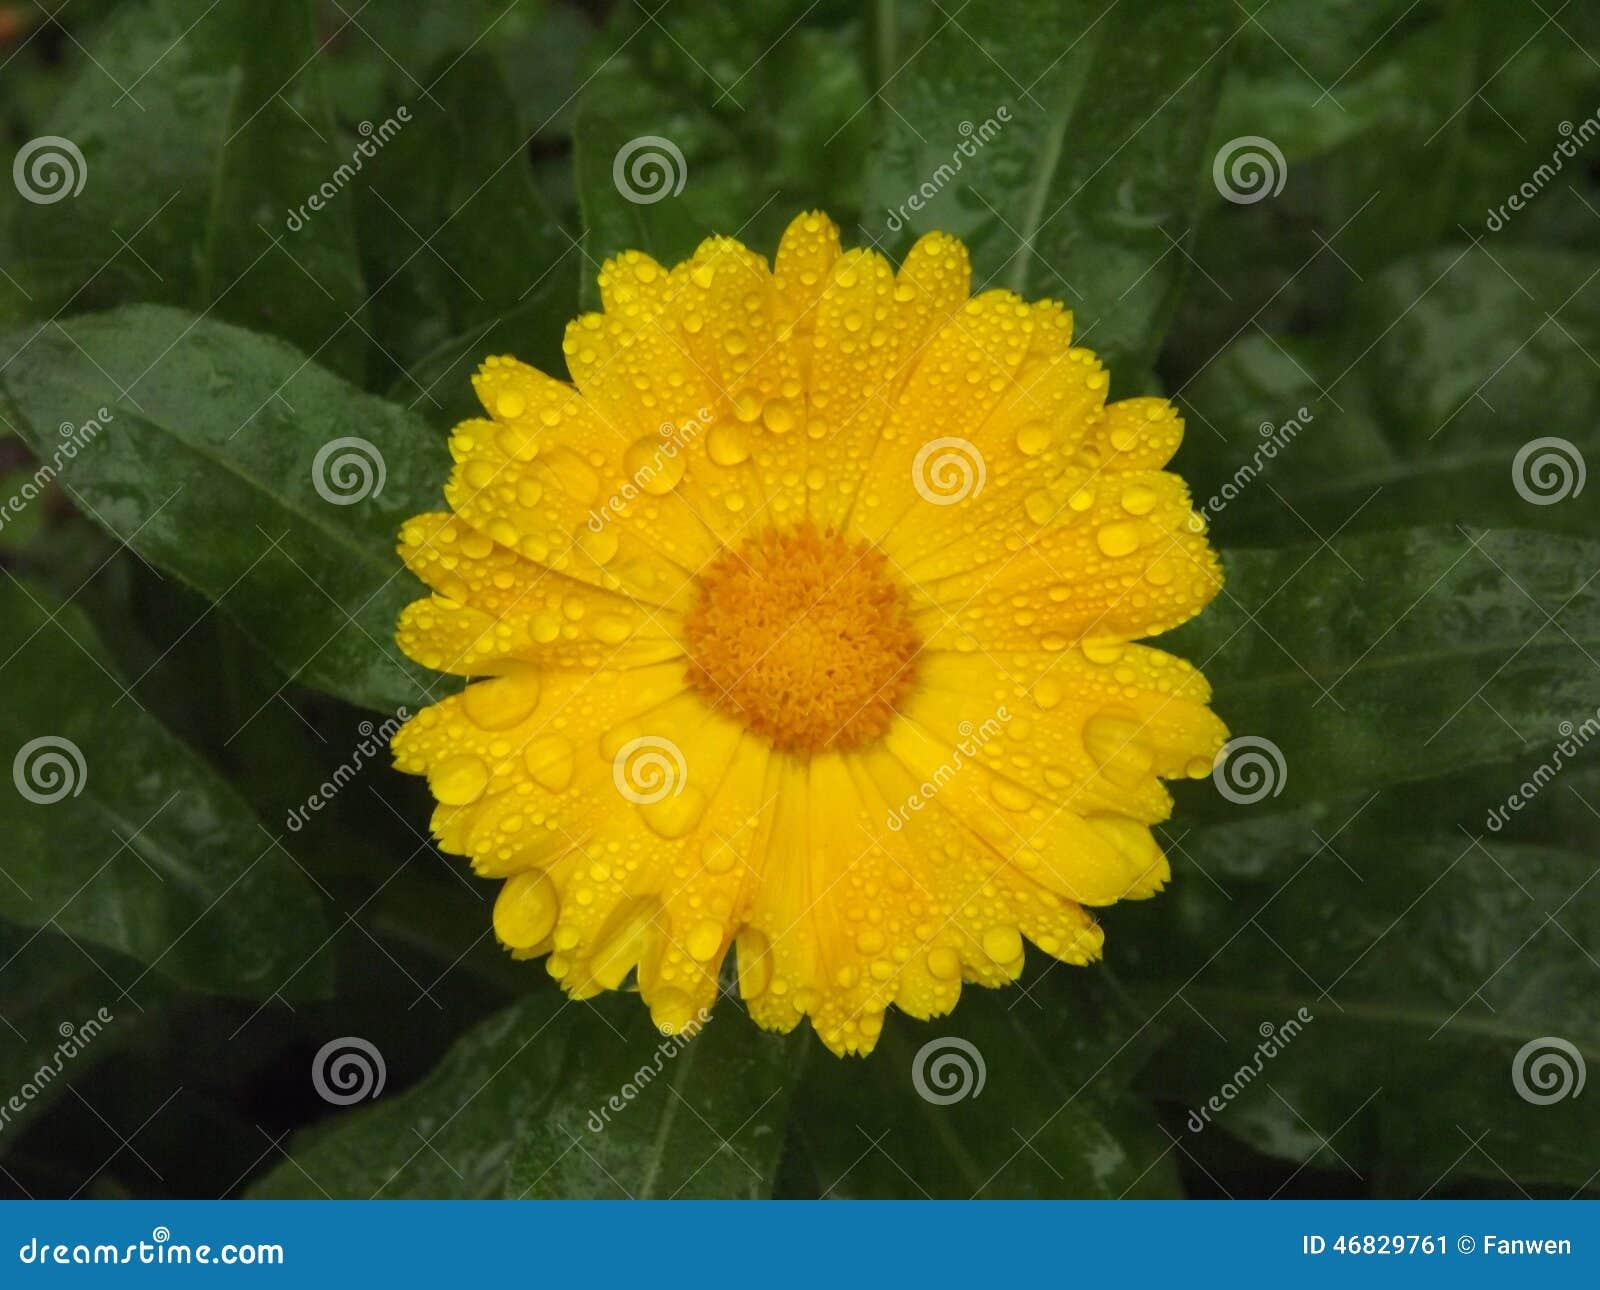 Yellow Mum Flower And Chrysanthemum Flower Stock Image Image Of